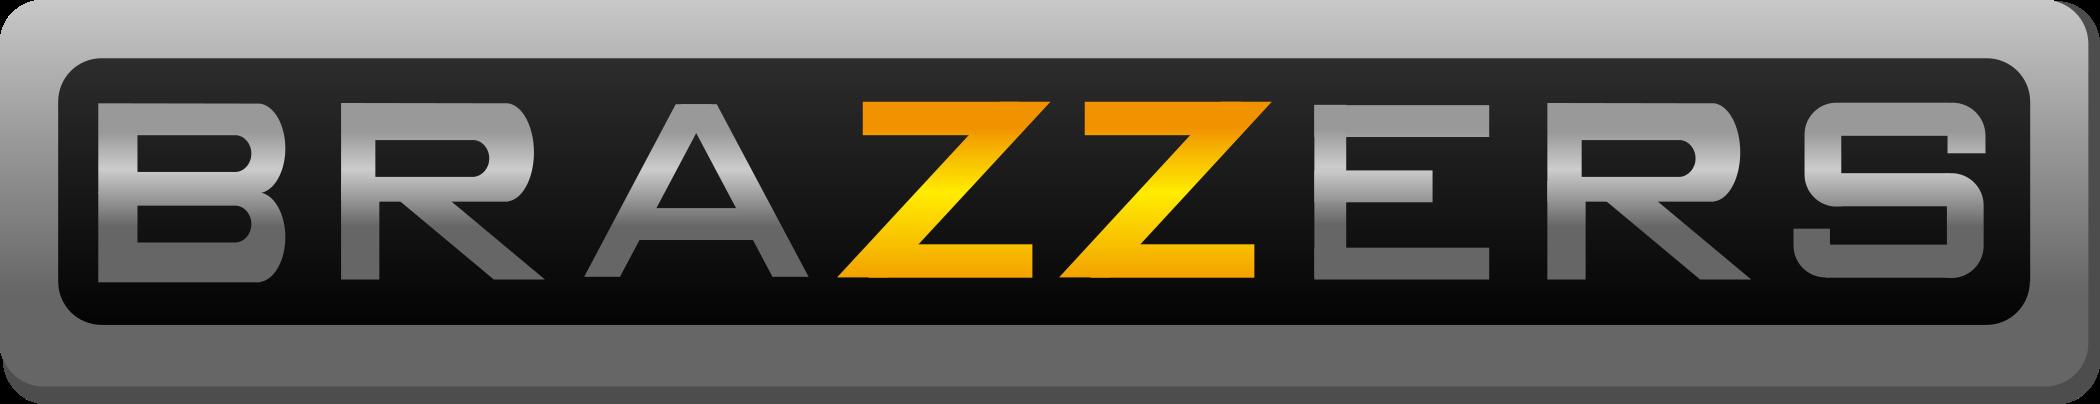 brazzers logo 3 - Brazzers Logo